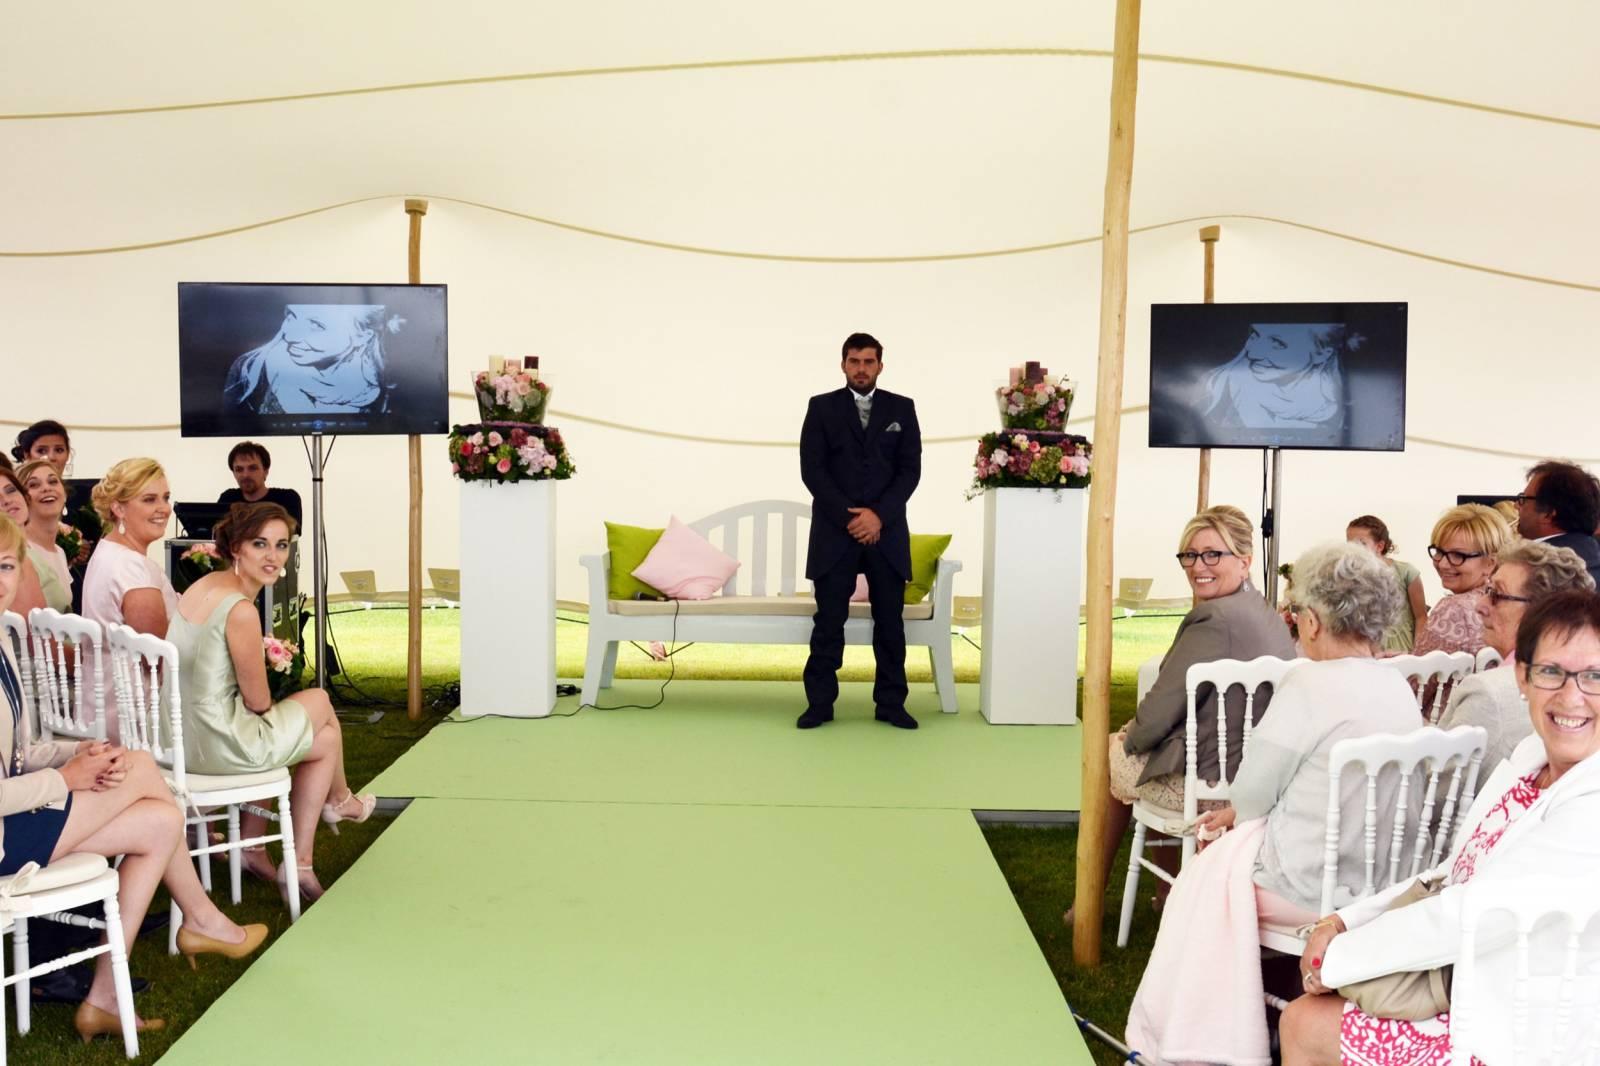 De Belgique Events - House of Weddings-02